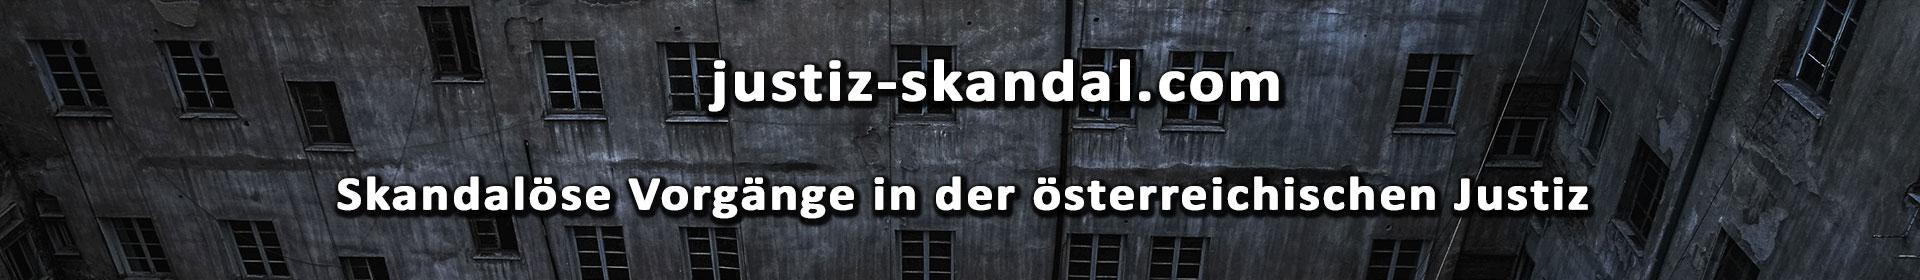 justiz-skandal.com